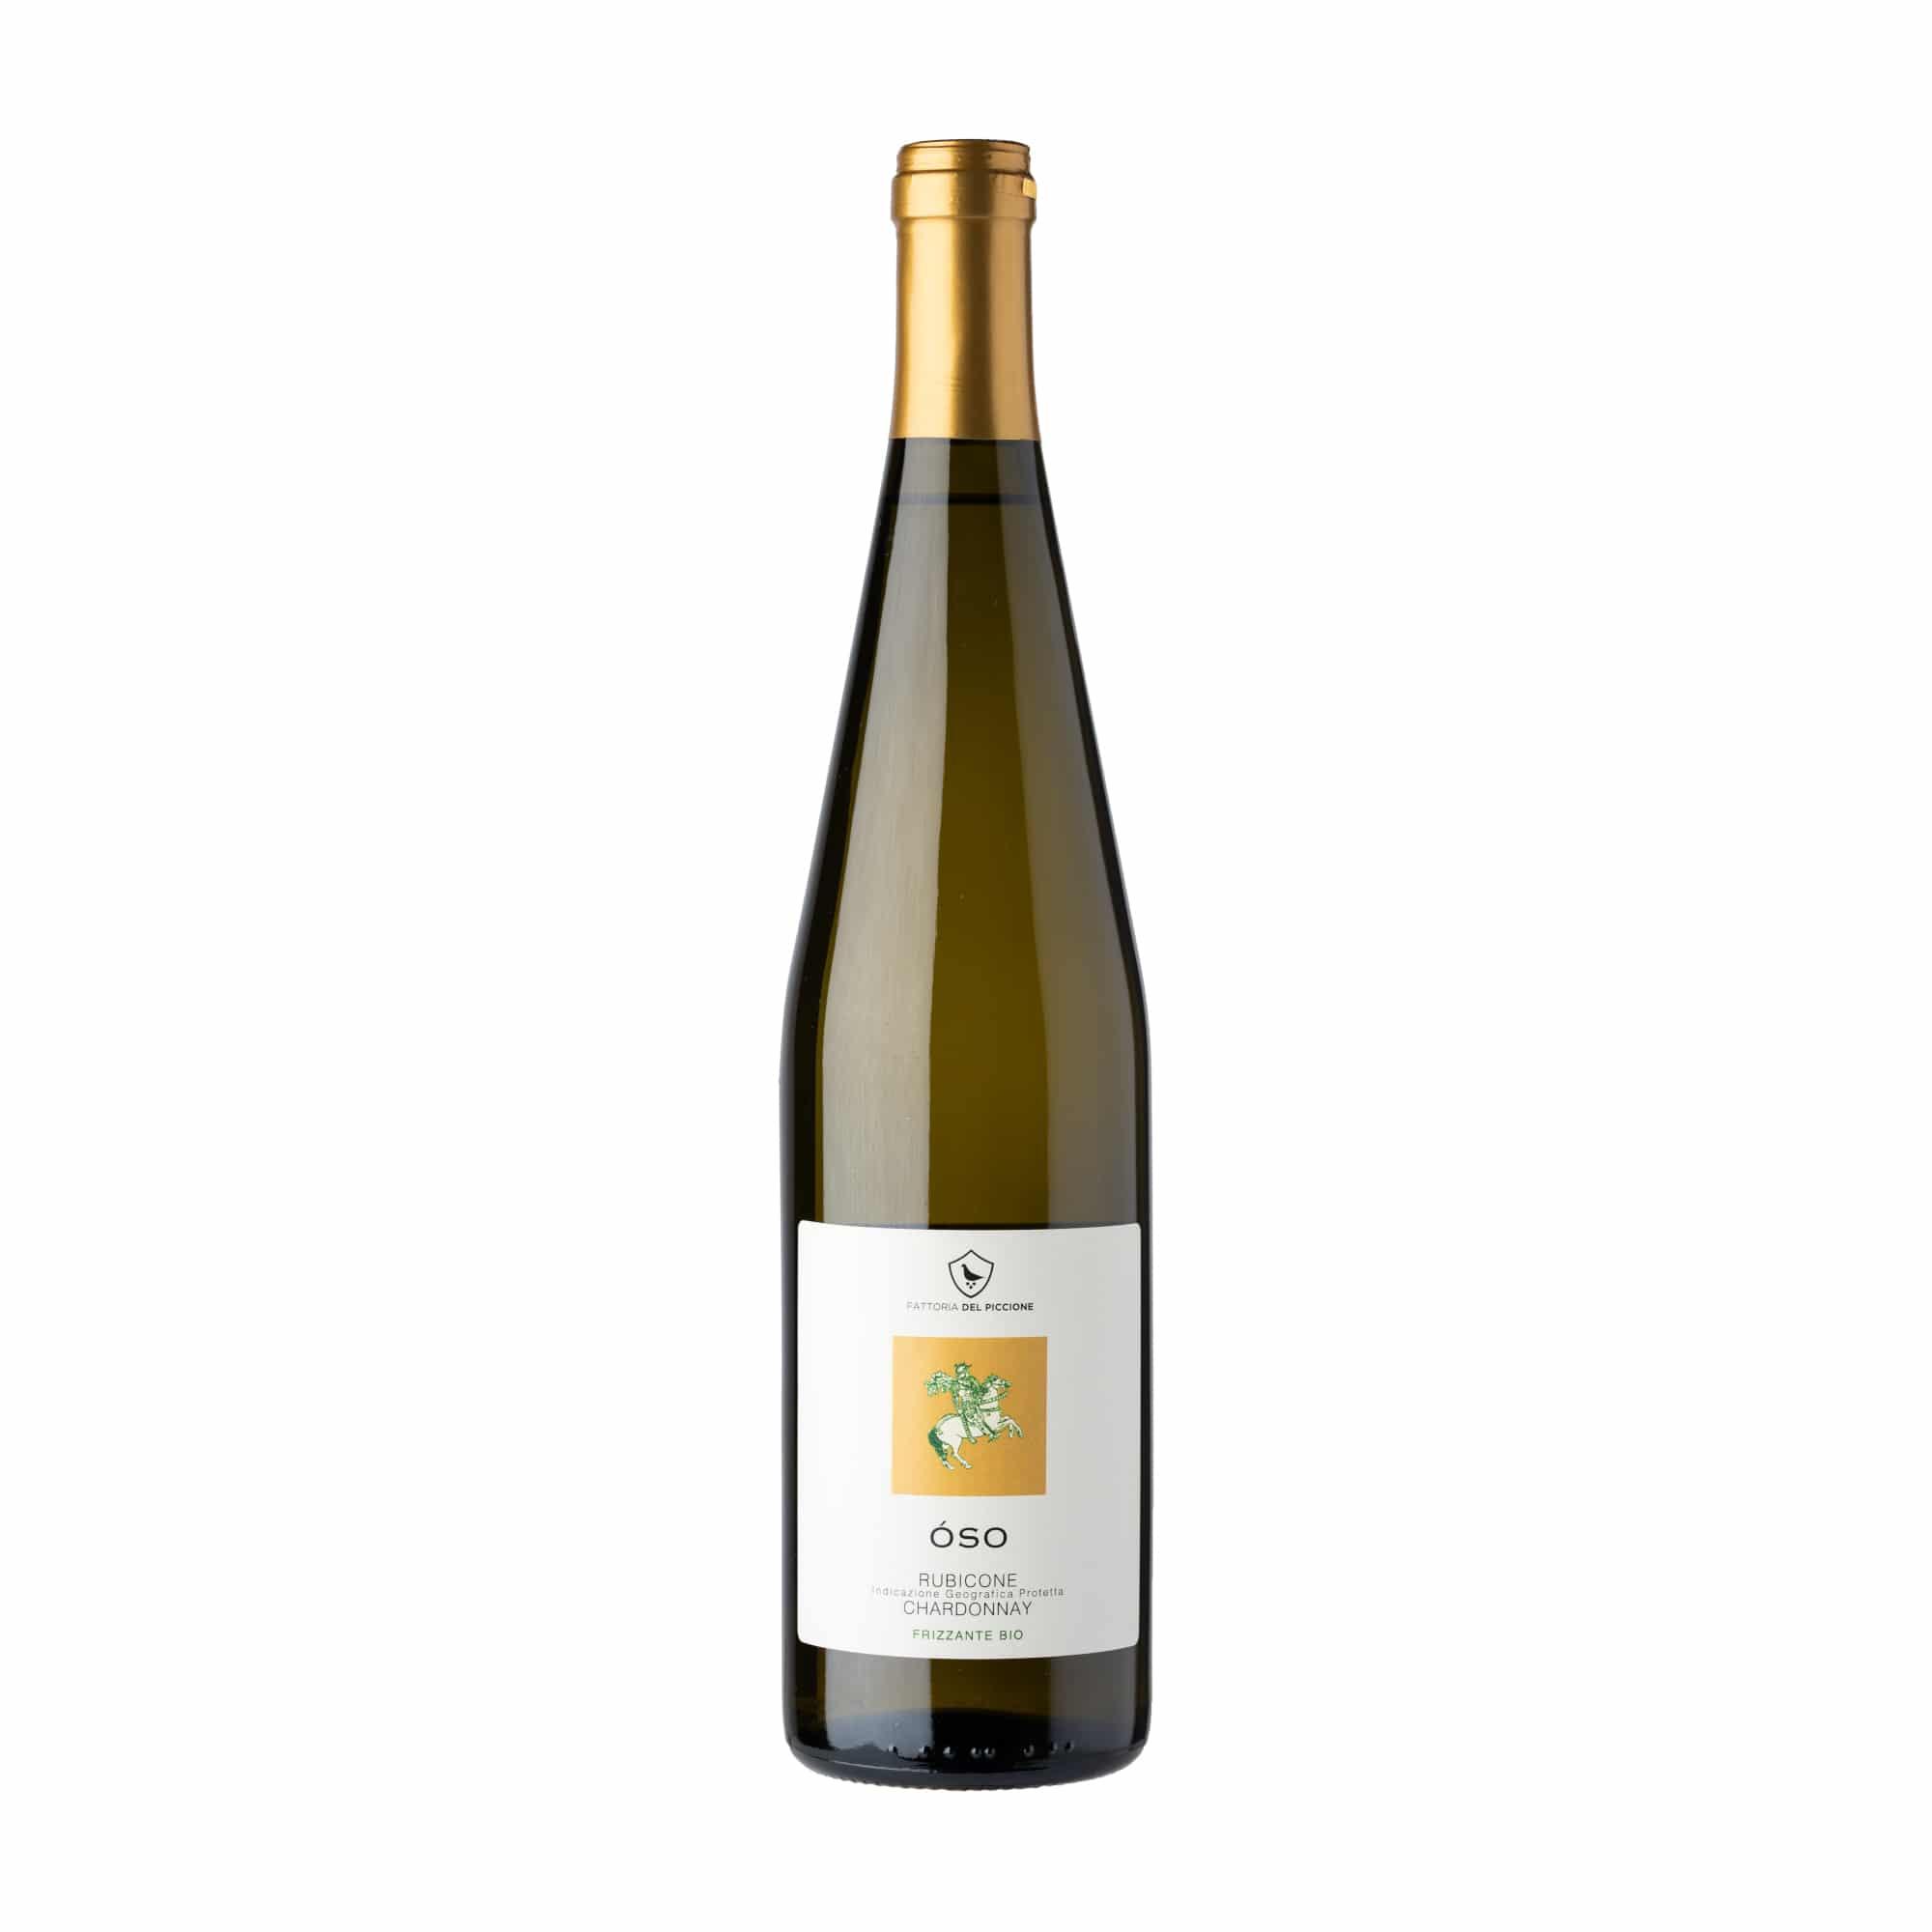 ÓSO Rubicone IGP Chardonnay BIO Fattoria Del Piccione